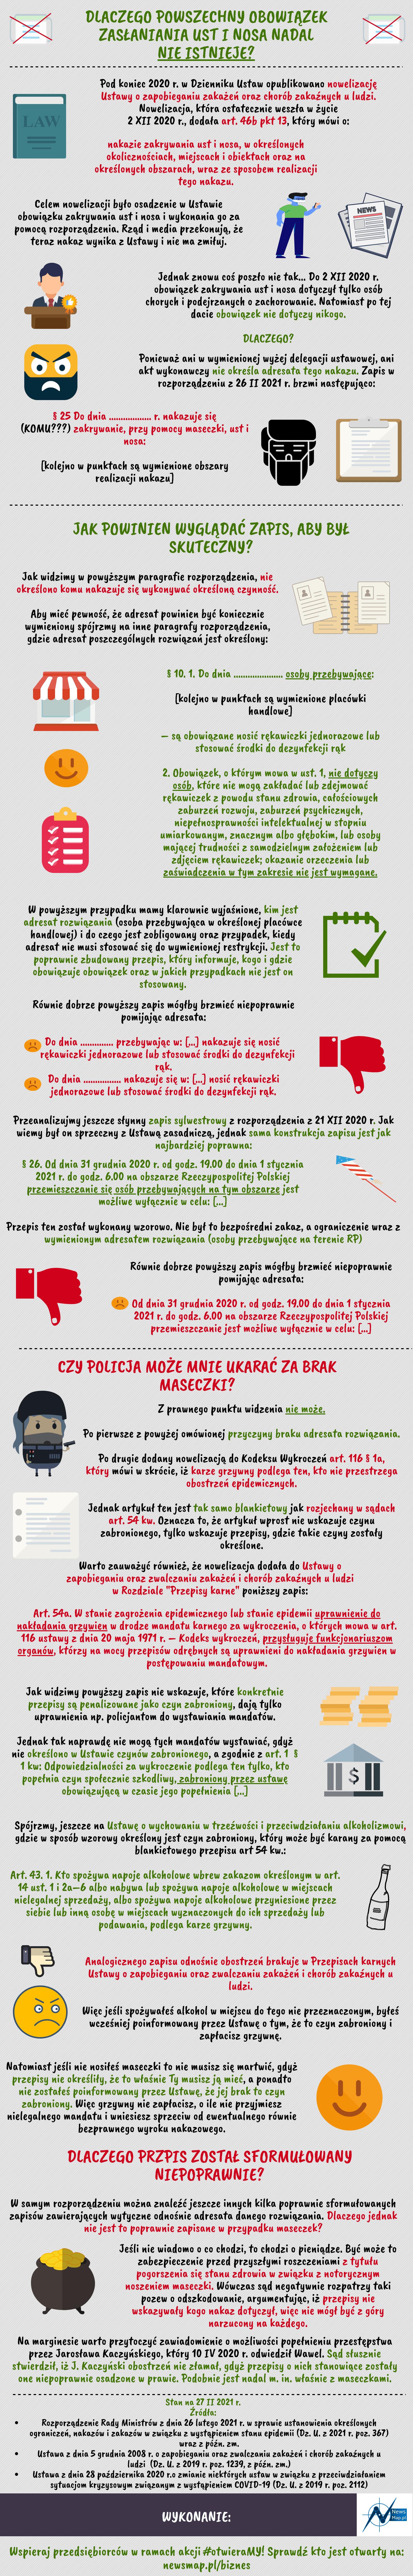 Analiza braku podstaw prawnych do powszechnego nakazu zasłaniania ust i nosa po 2 XII 2020 r. - stan na 27 II 2020 r. infografika NewsMap